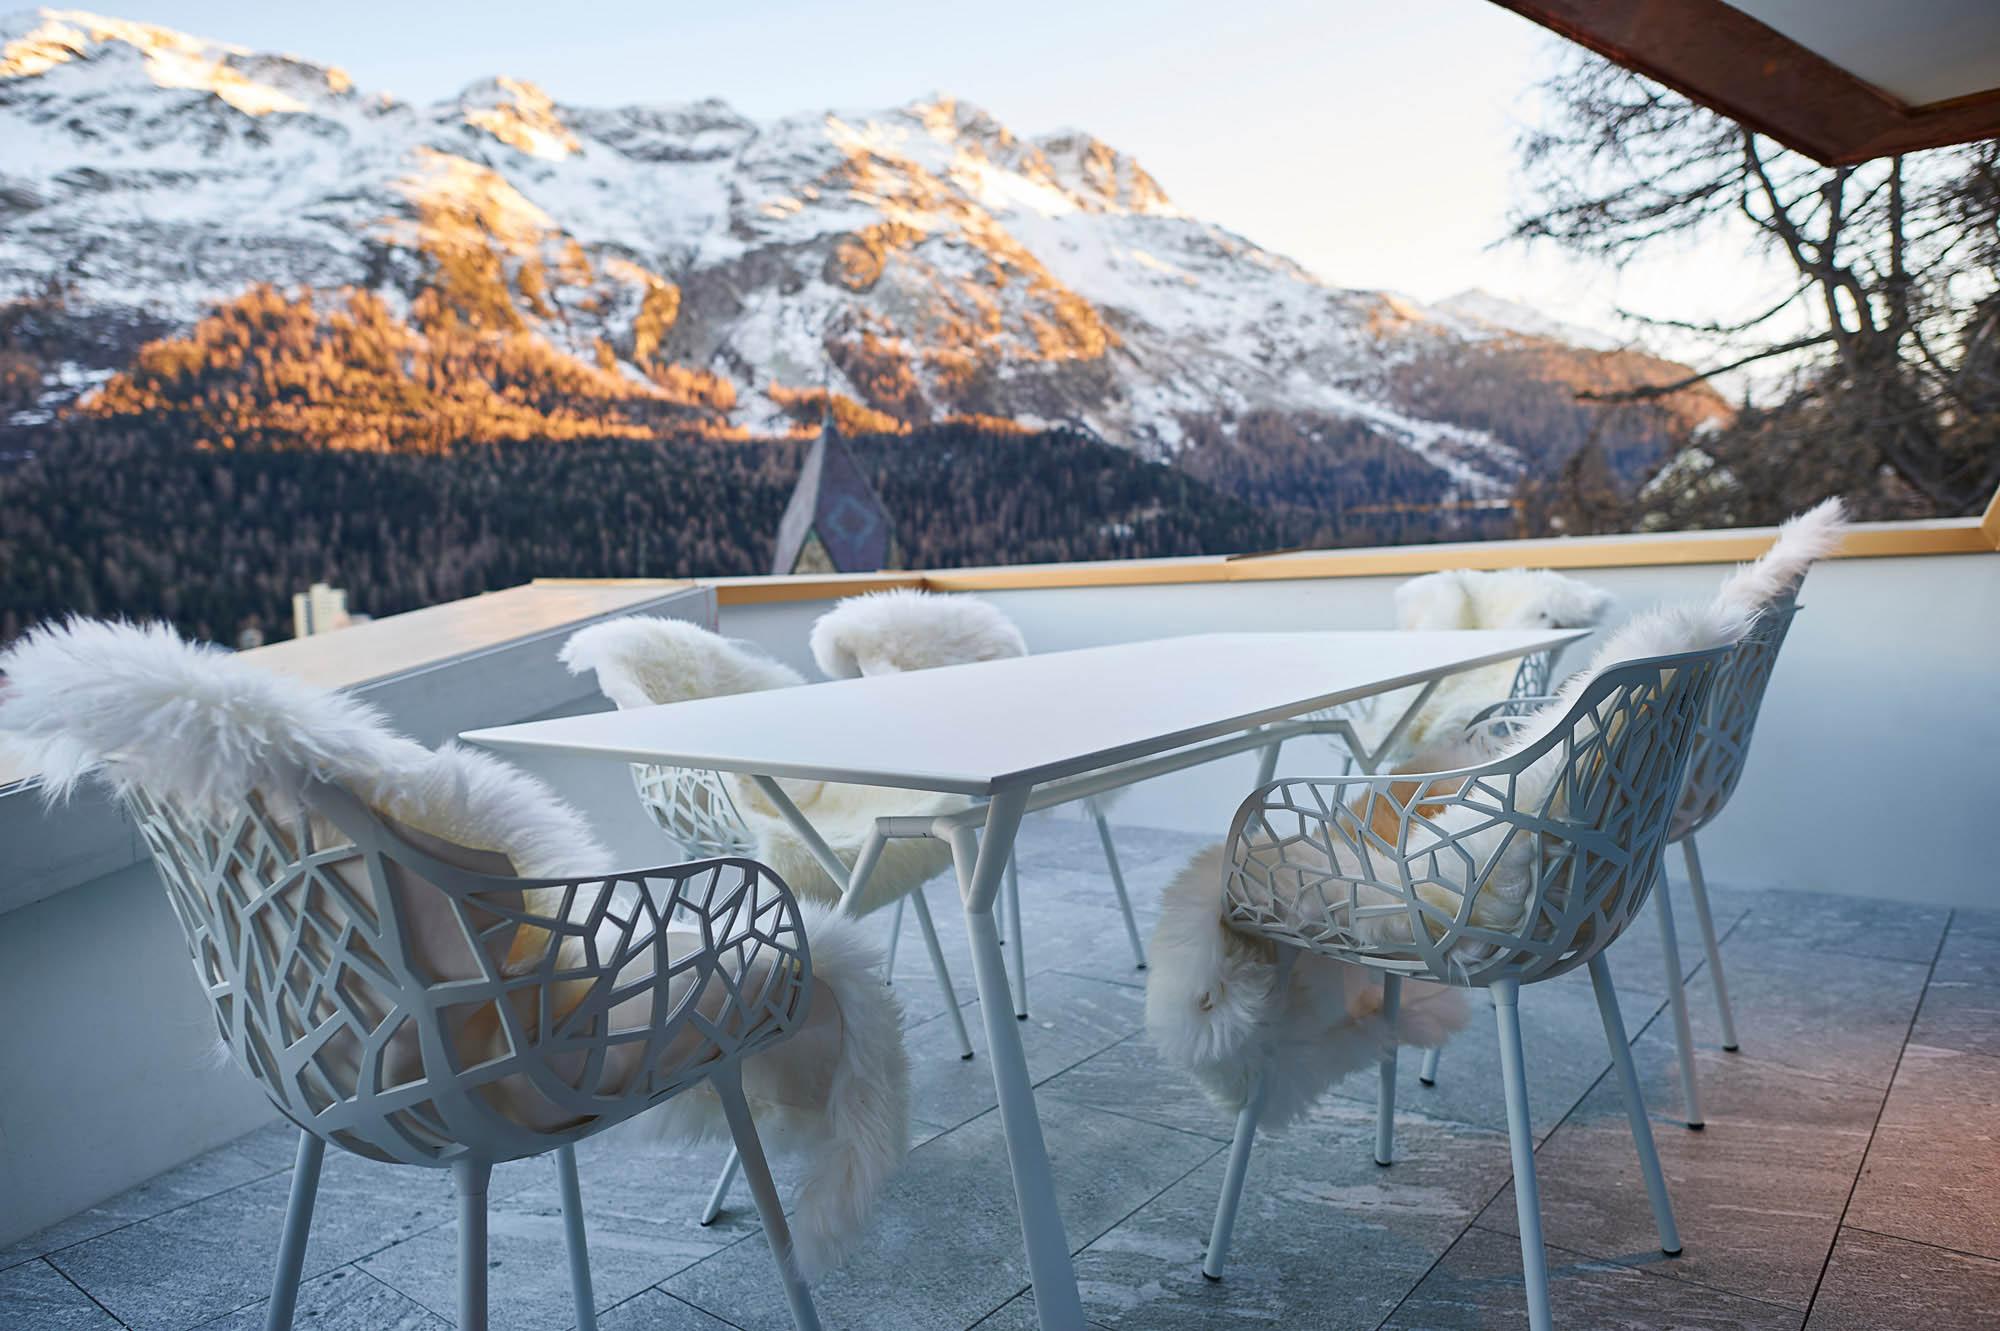 OPC 151127 1064 - Penthouse St. Moritz: Frisch eingerichtet, frisch abgelichtet